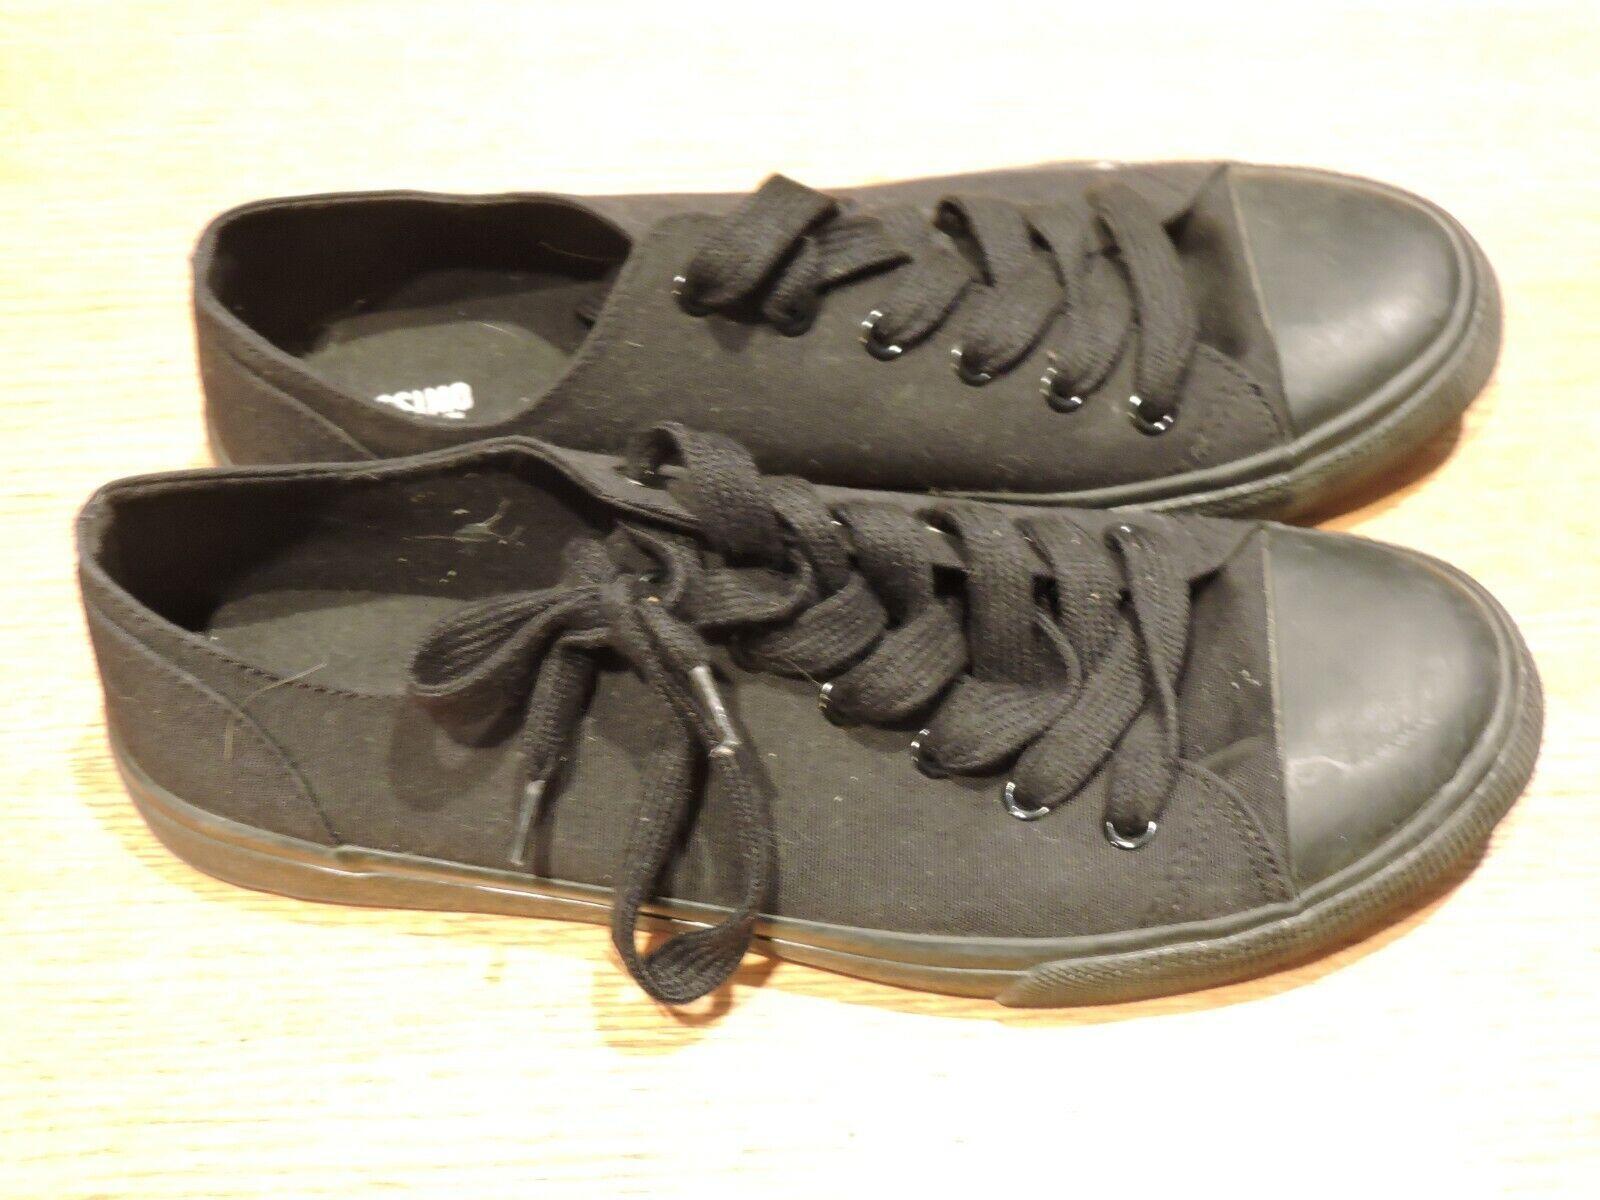 MOSSIMO pour femme Noir Toile Baskets Chaussures, lacets, taille 9 M Cap Toe